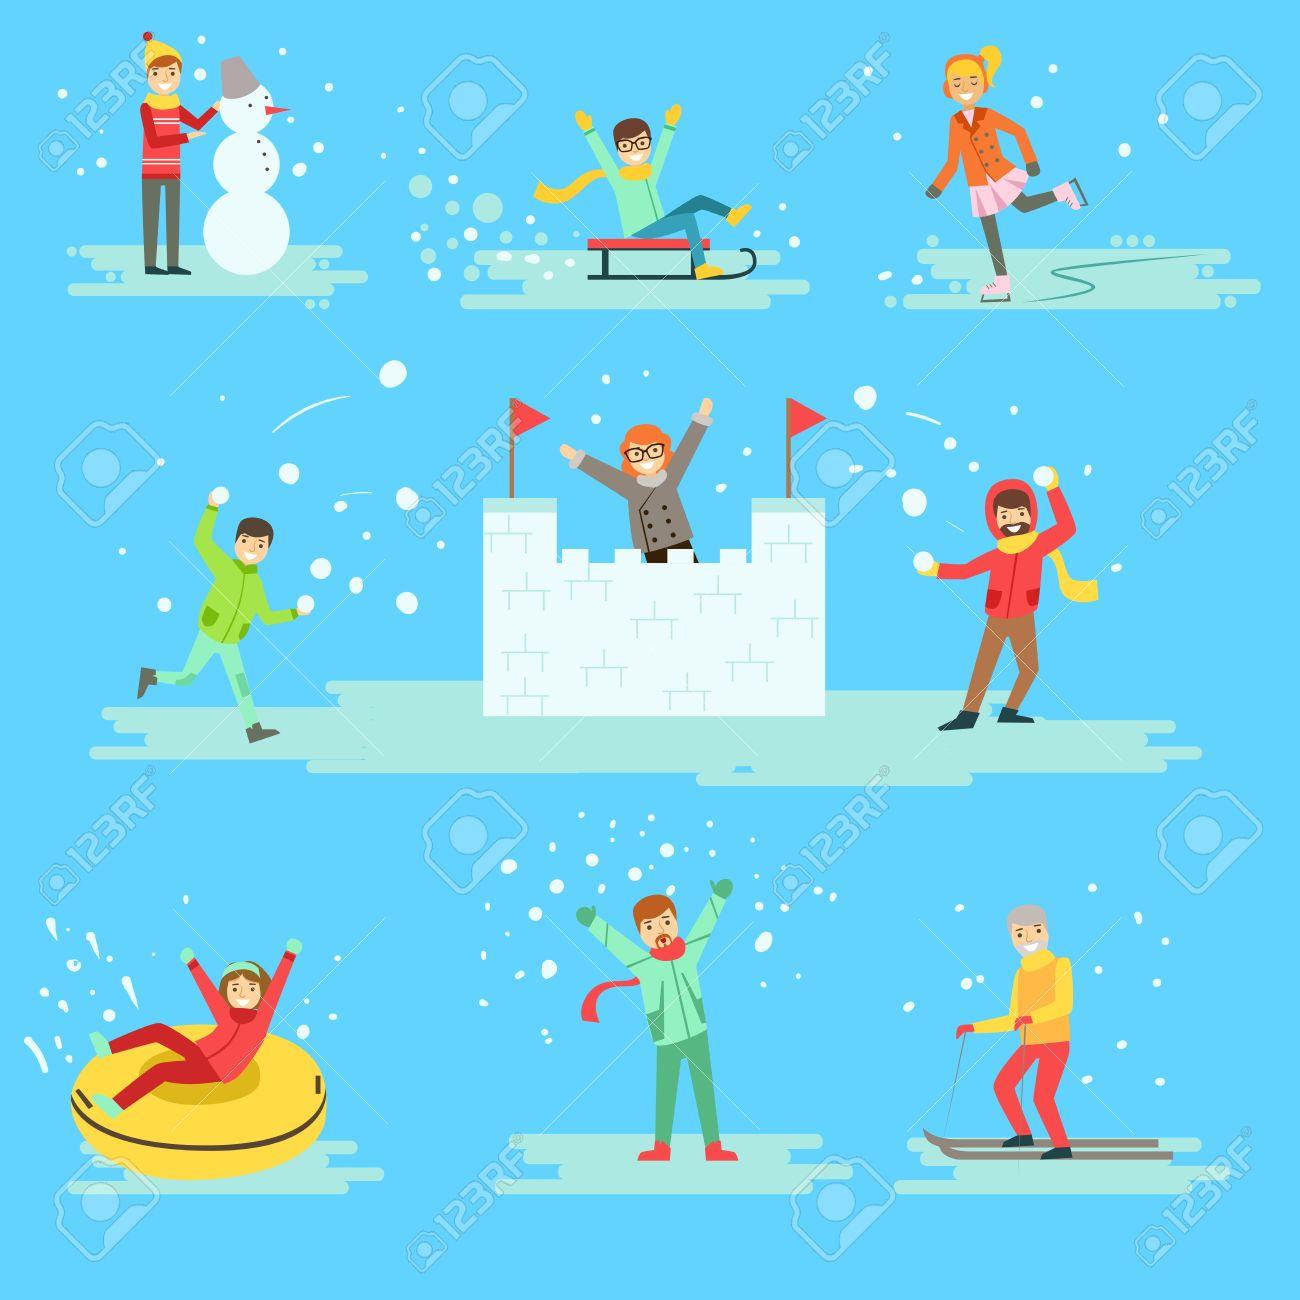 イラストの冬セットで雪の中で楽しい時を過す人々青の背景に異なる冬季